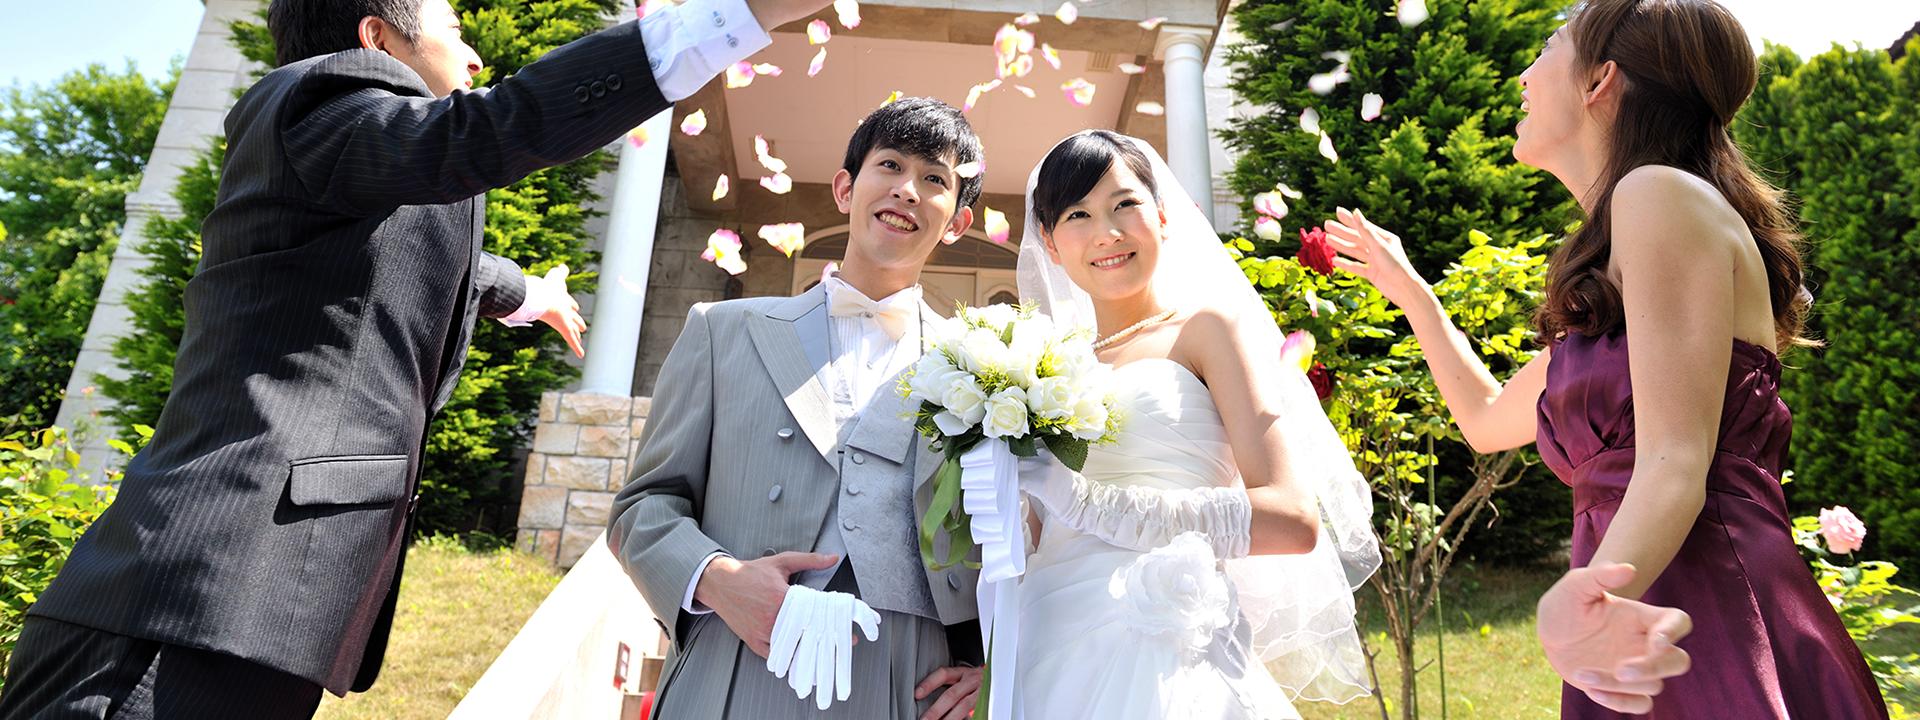 結婚相談所での婚活が月々5,000円❕                 ライトプラン限定 今年最後のご奉仕キャンペーン❗